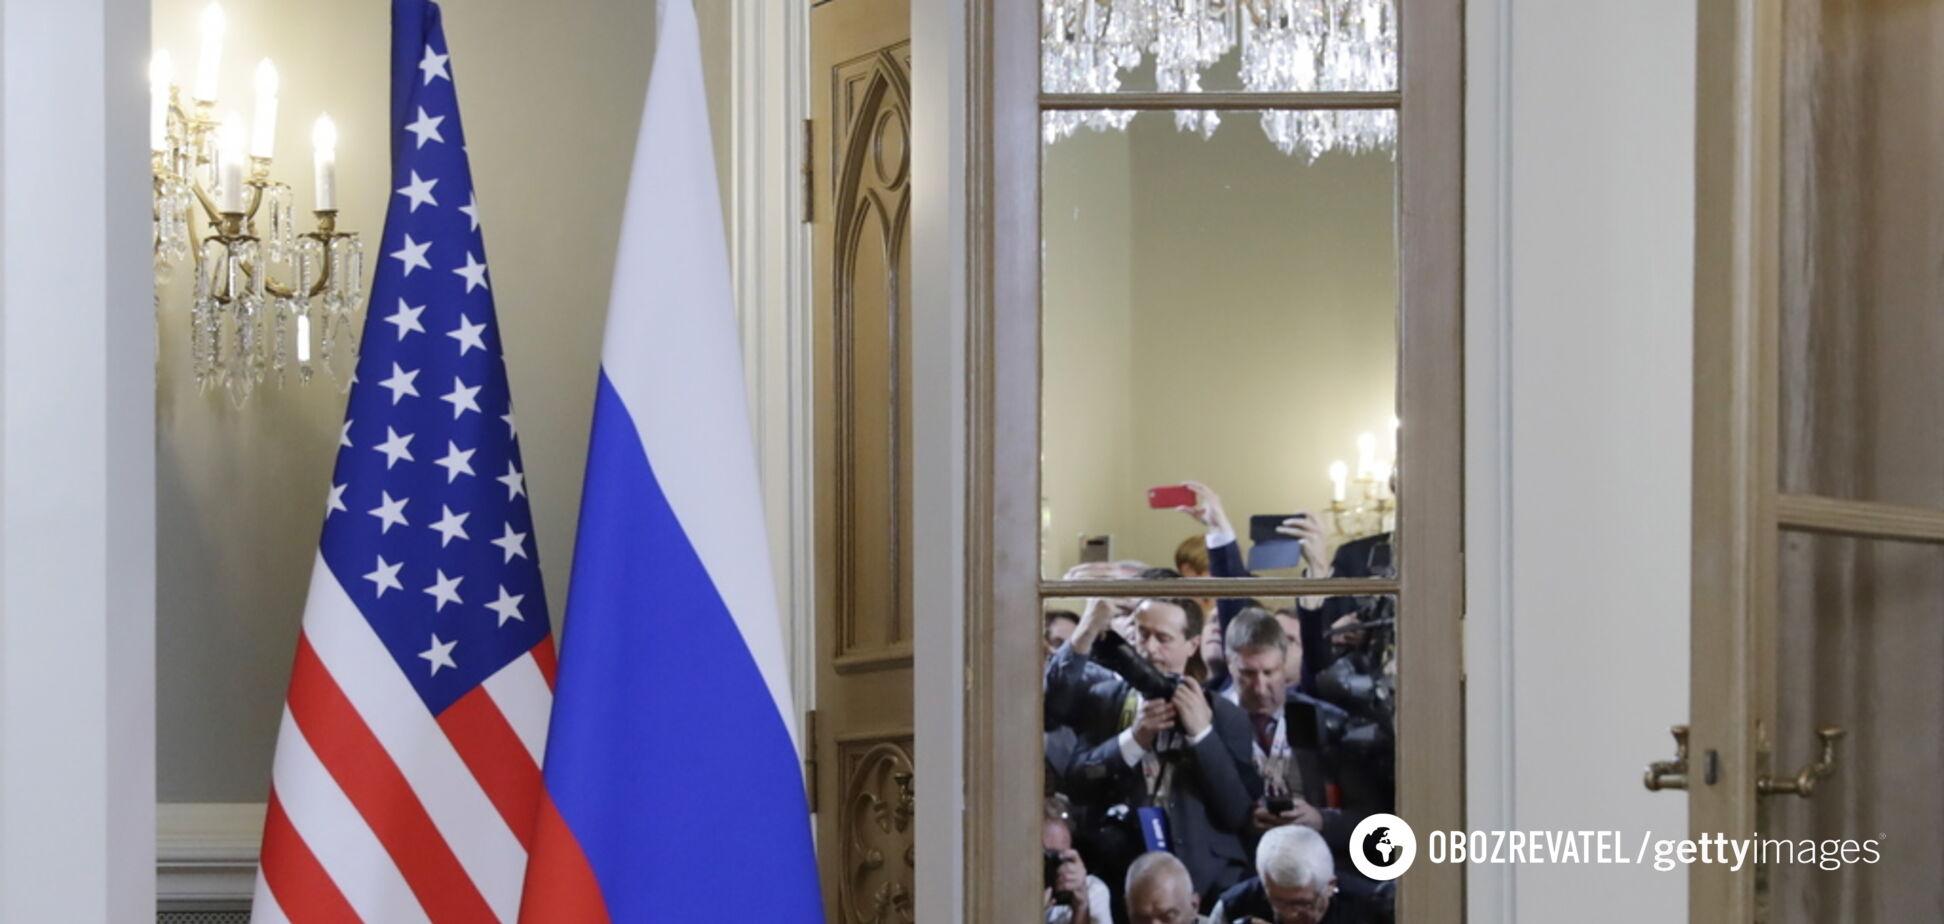 ''Дуже важко'': в Росії розповіли про небезпеку нового удару США